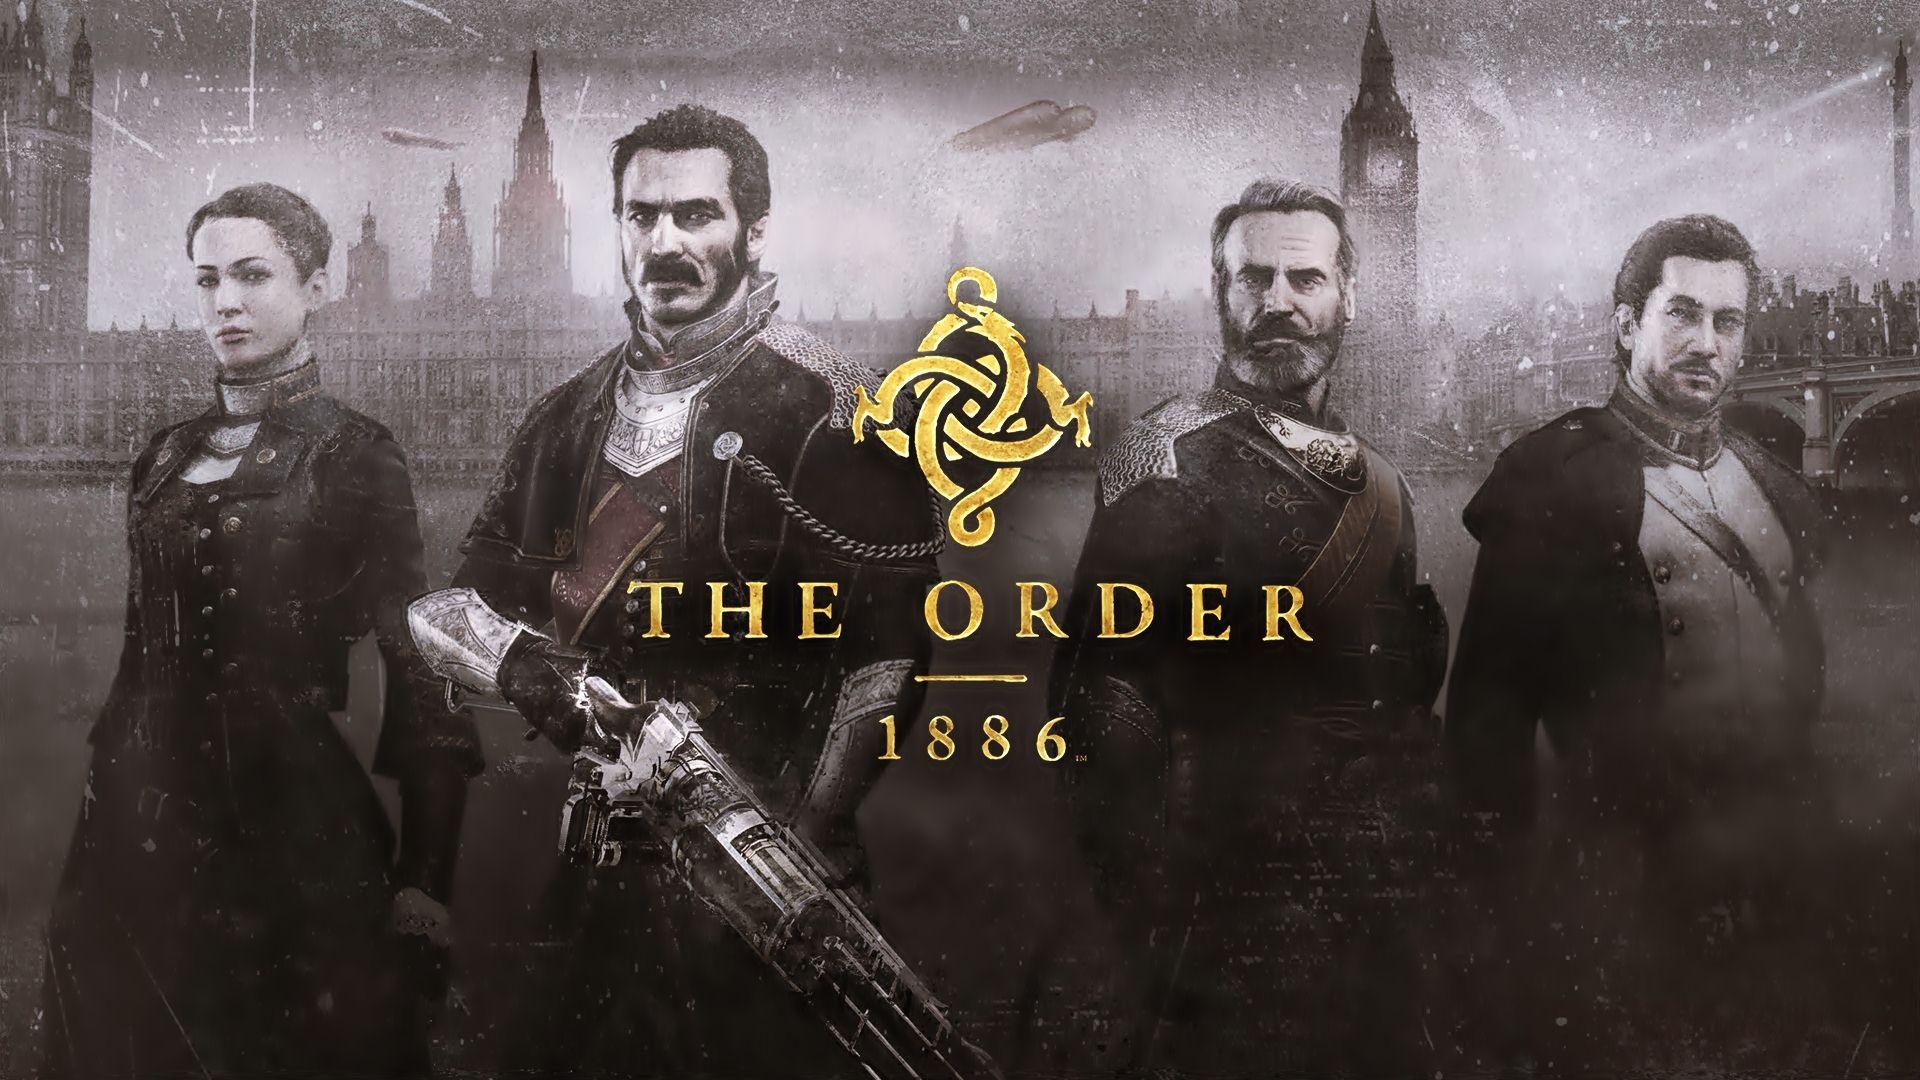 Стрим The Order 1886 - Изображение 1